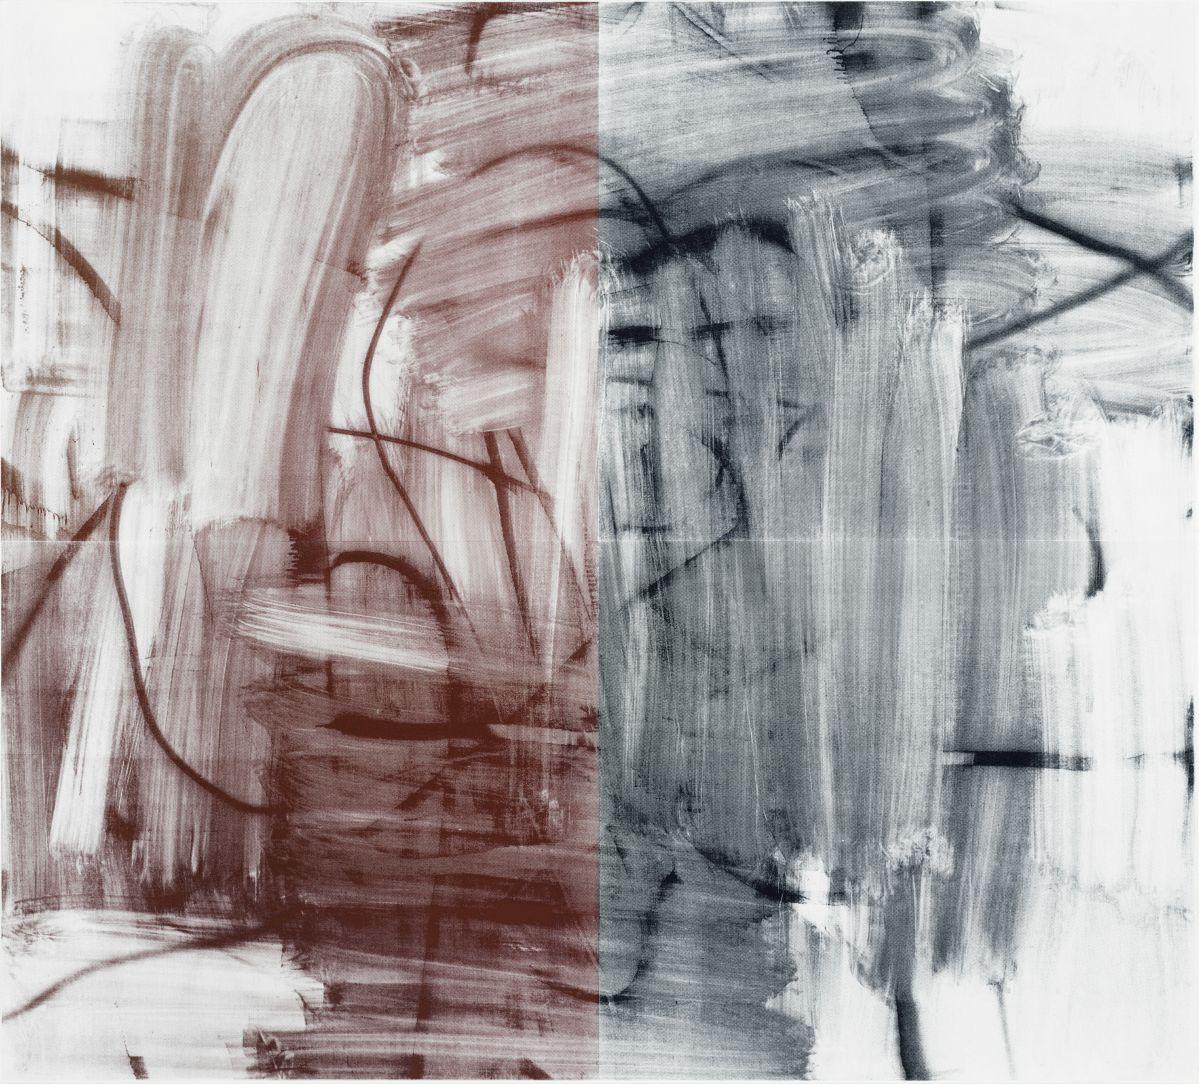 Christopher Wool – Untitled, 2009 - 00s. Collection Cranford - les années 2000 au MO.CO. Montpellier Encre de sérigraphie sur le lin. 243,8 x 269,2 cm. © Christopher Wool; courtesy de l'artiste et Luhring Augustine, New York